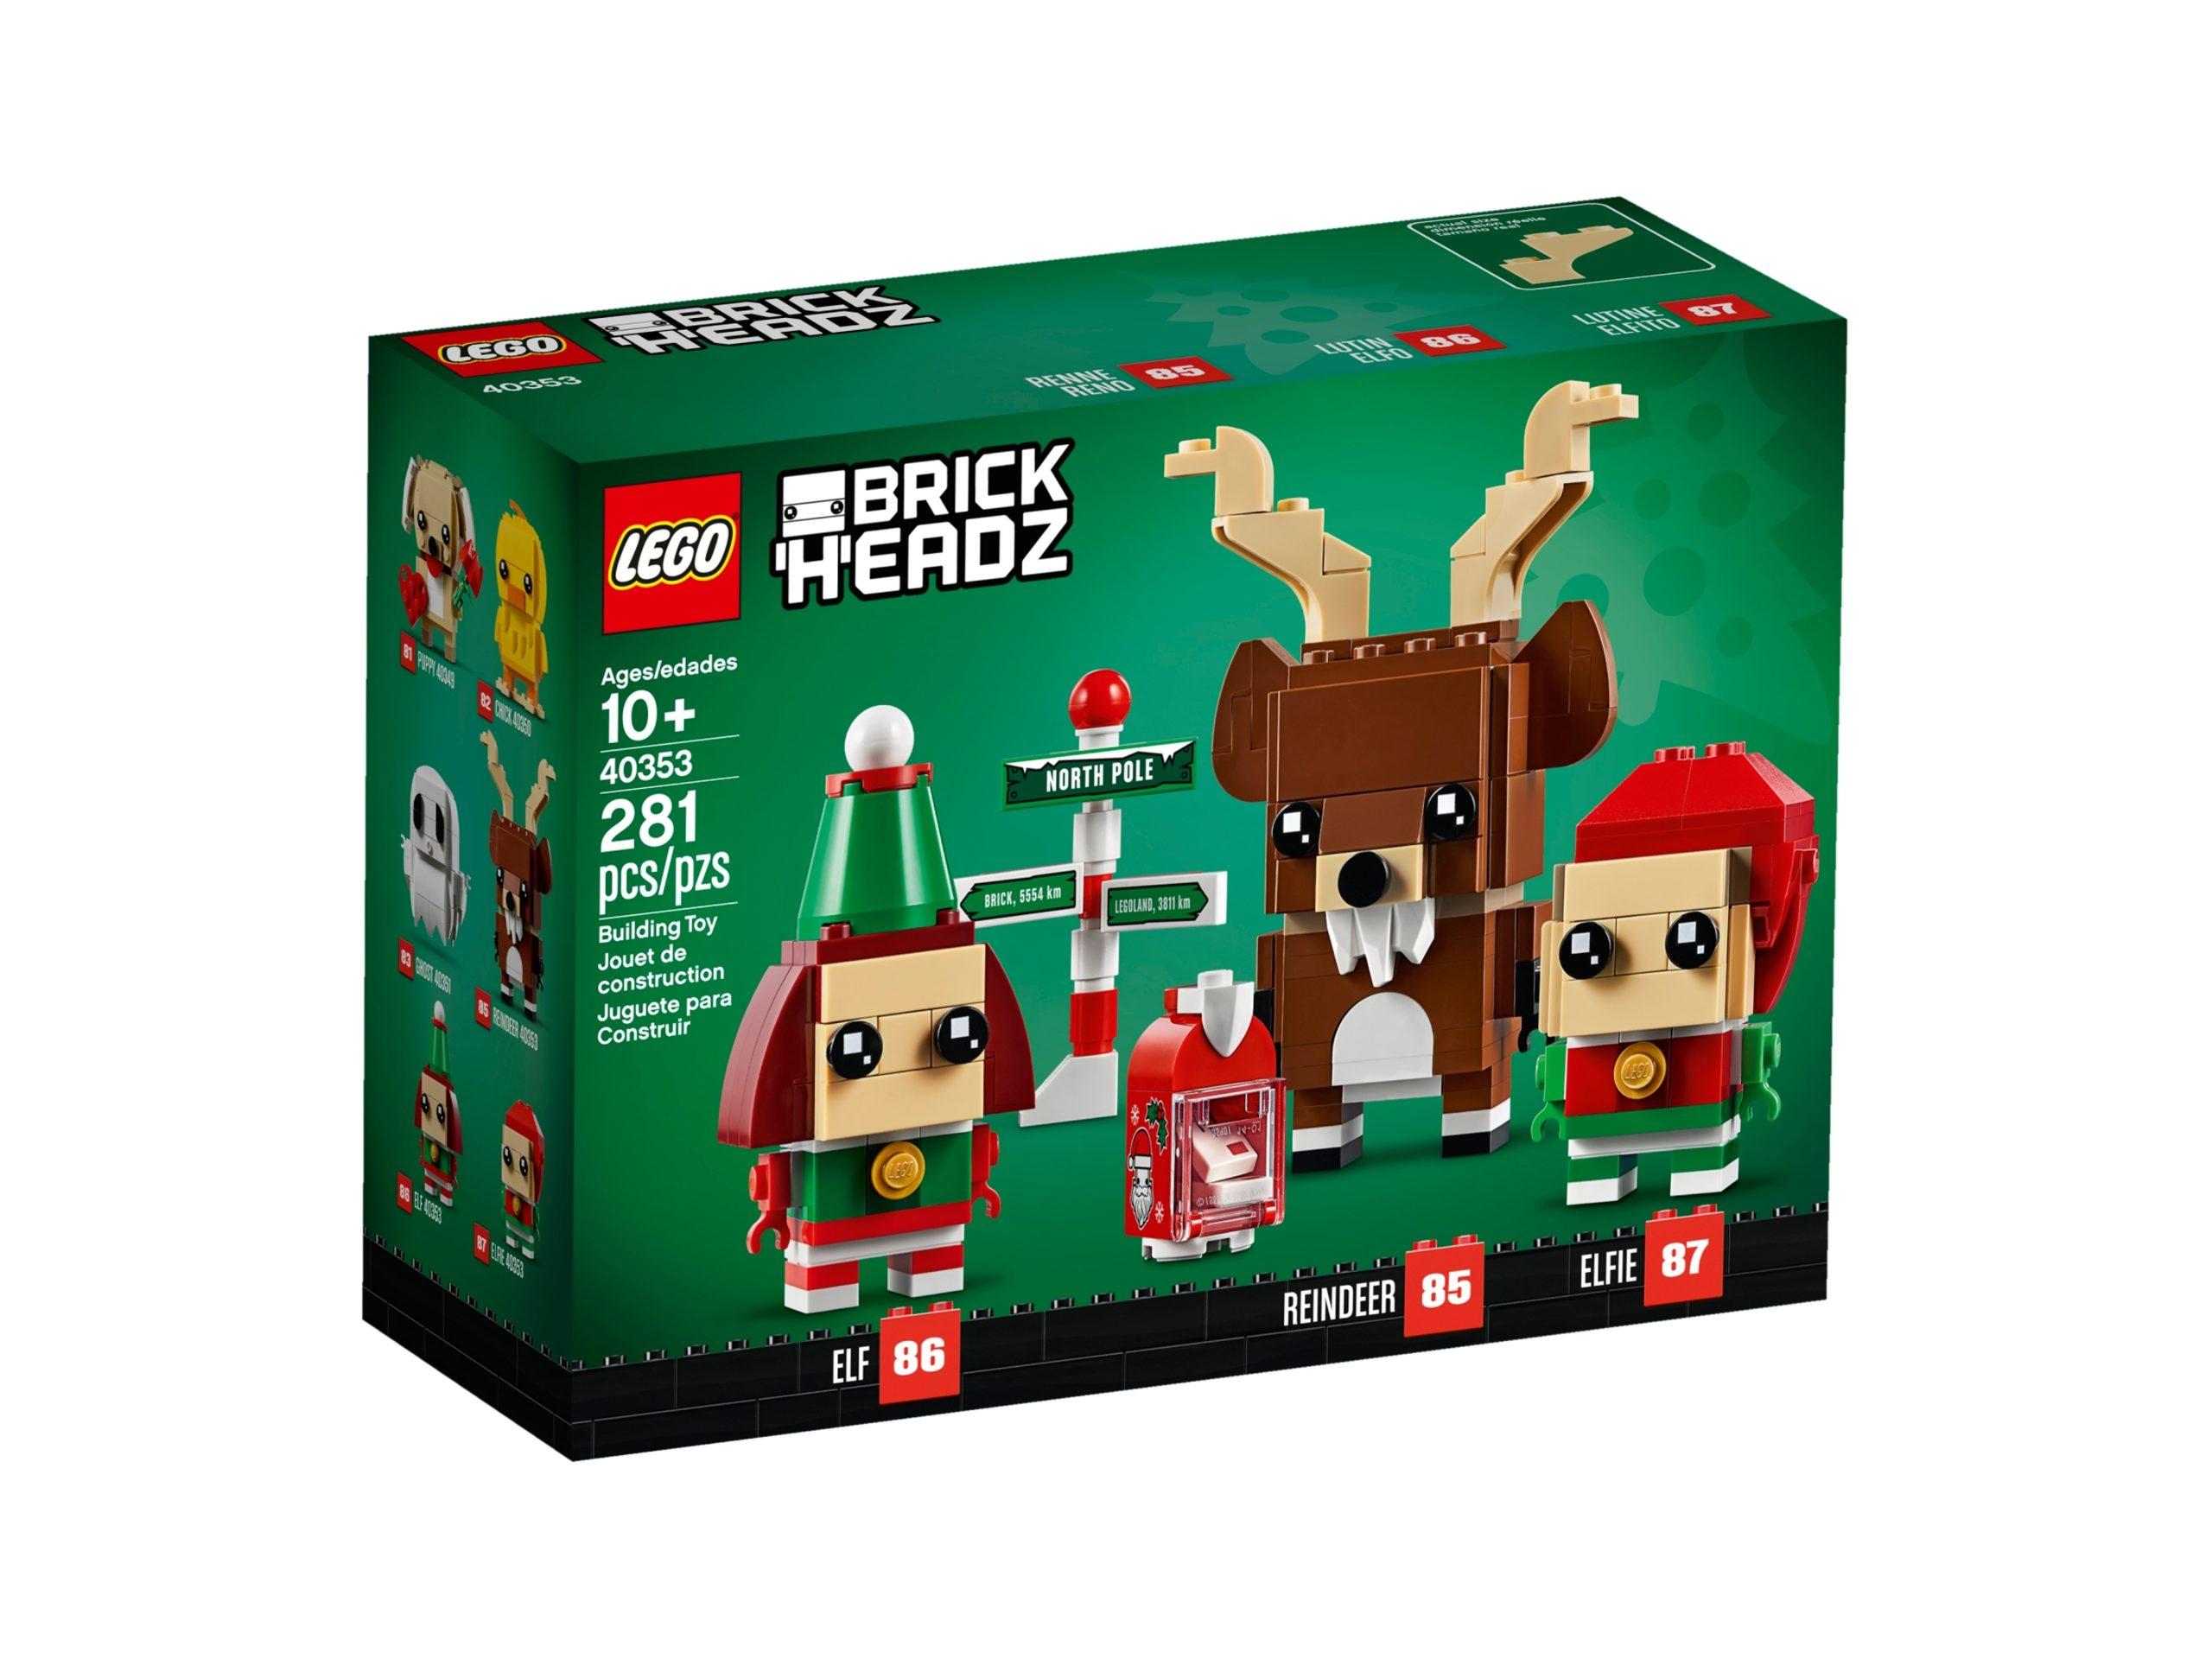 lego 40353 reindeer elf and elfie scaled